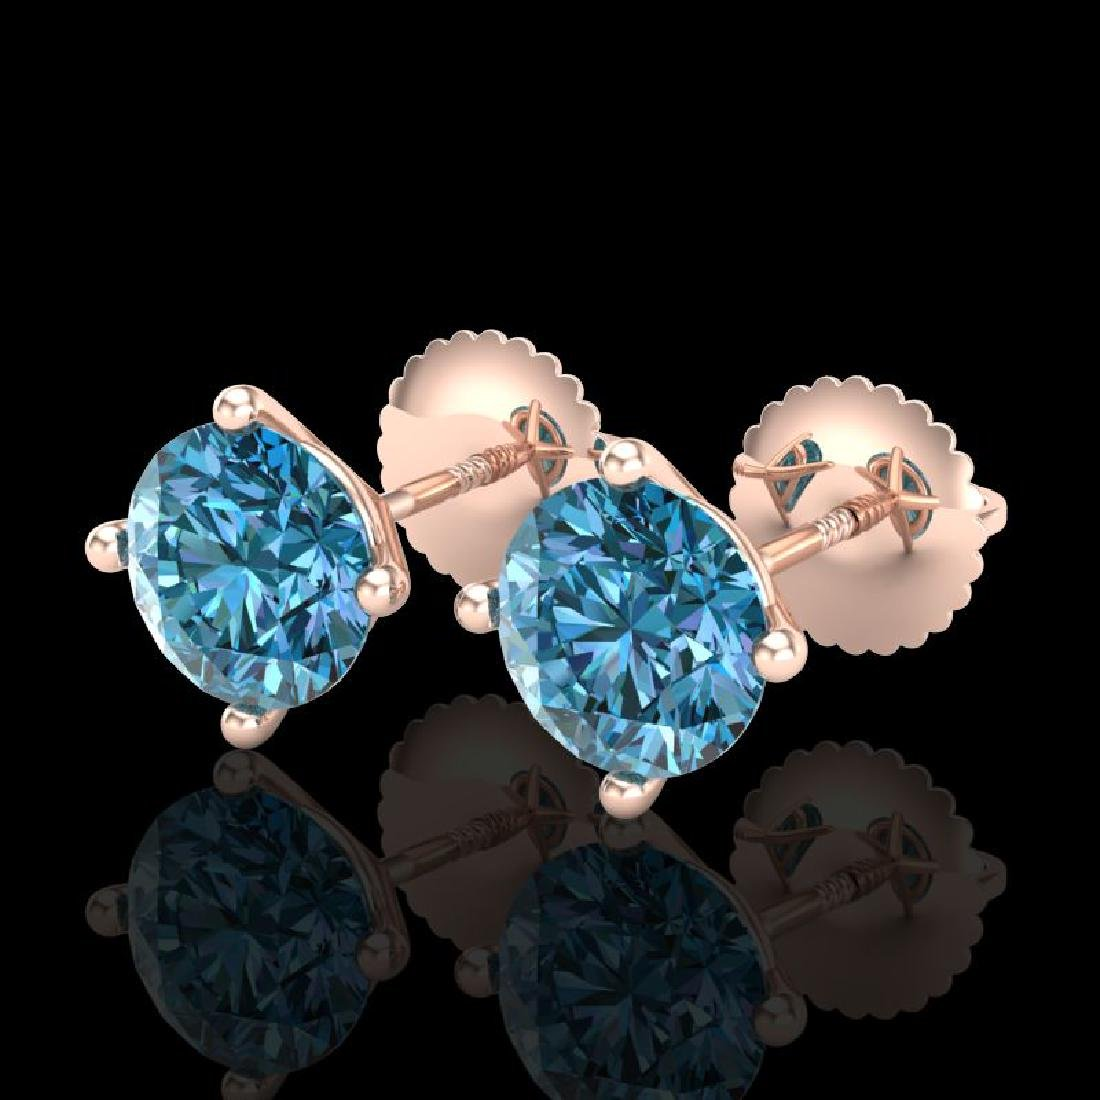 2 CTW Fancy Intense Blue Diamond Solitaire Art Deco